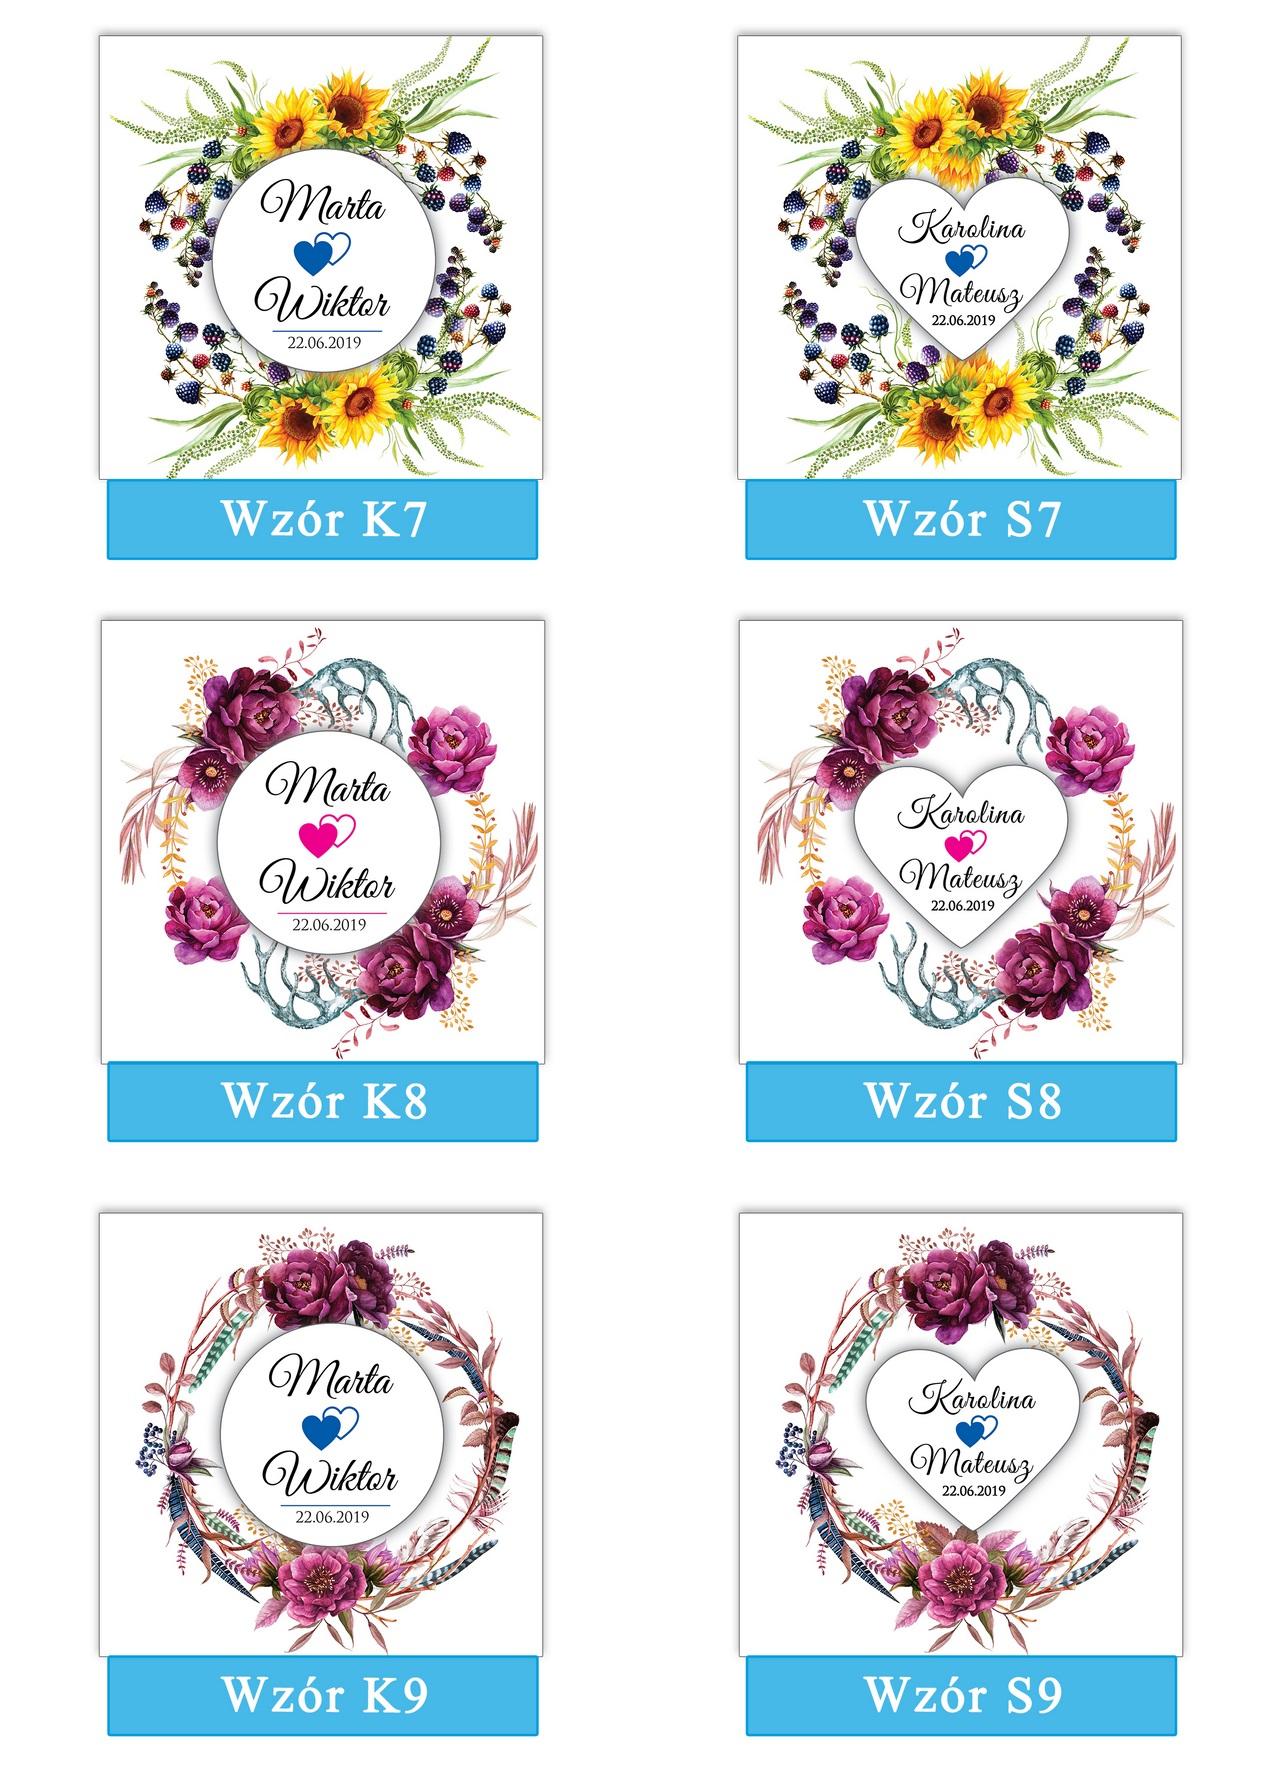 zaproszenia-ślubne-boho-rustykalne-wianki-kwiatowe-Silena-ze-wstążką-plansza-wzory7-9